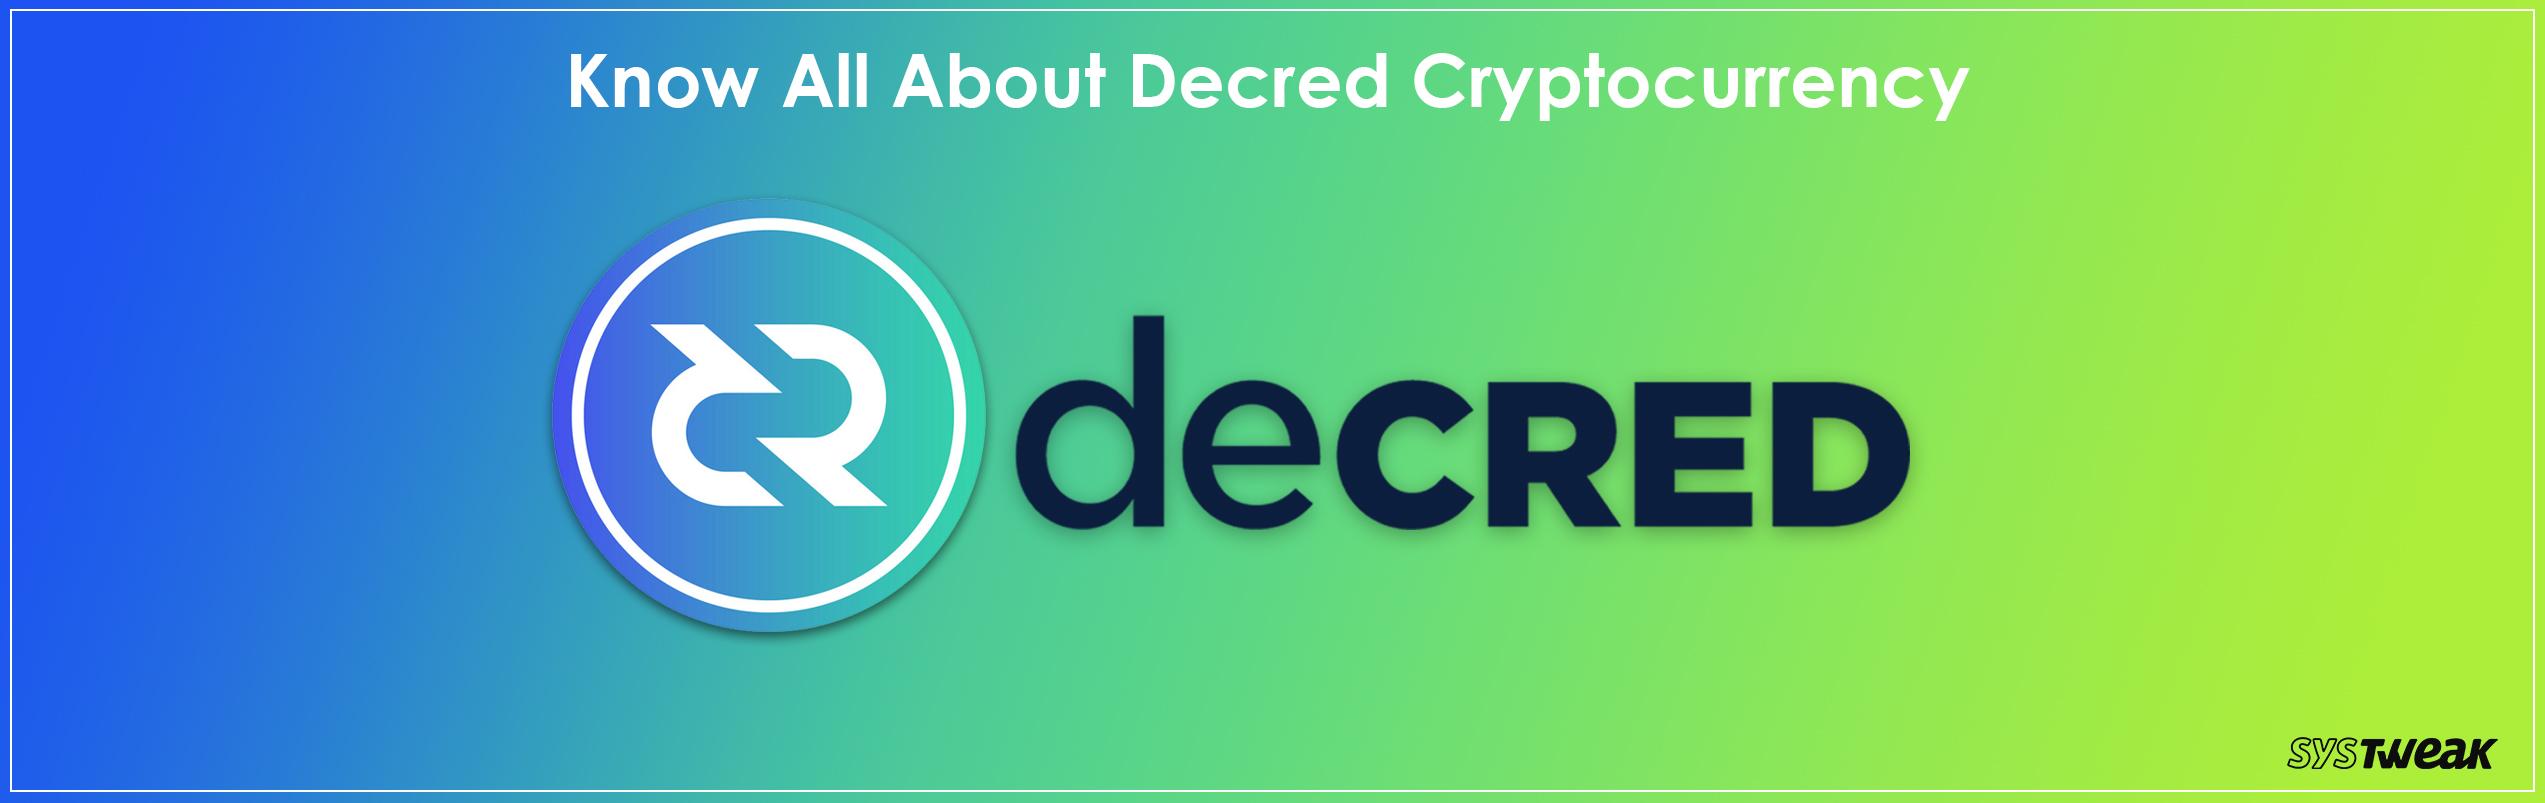 Decred: An Autonomous Currency That Has Stolen Limelight